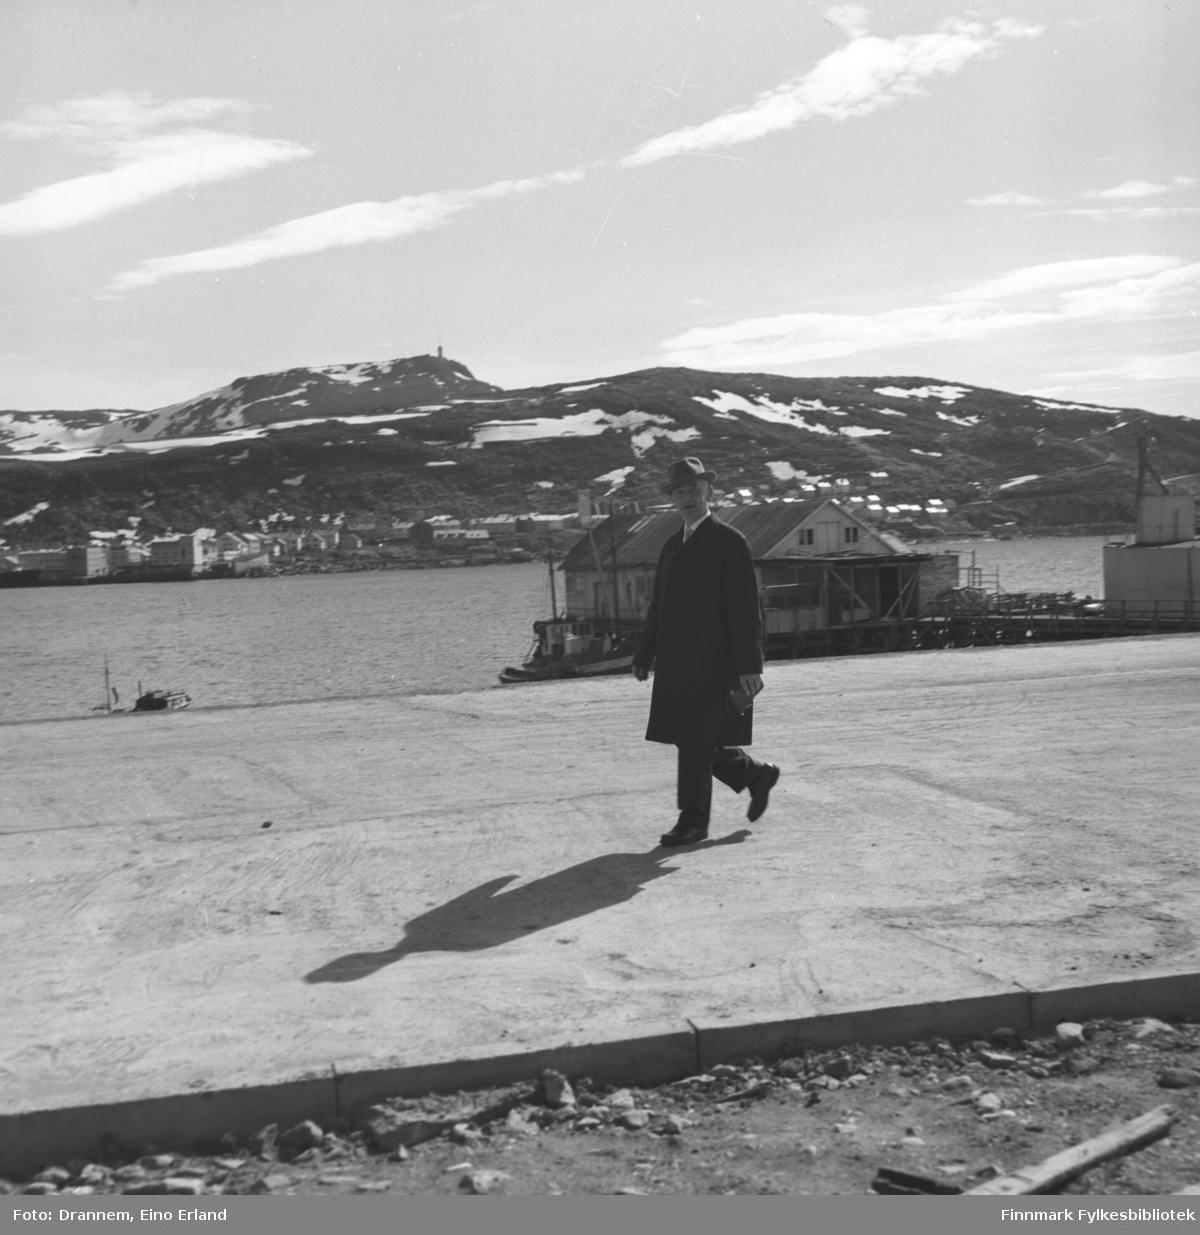 Olav Sørensen fotografert på Fuglenesodden. Over havna ses Hammerfest sentrum med fjellet Tyven i bakgrunnen.